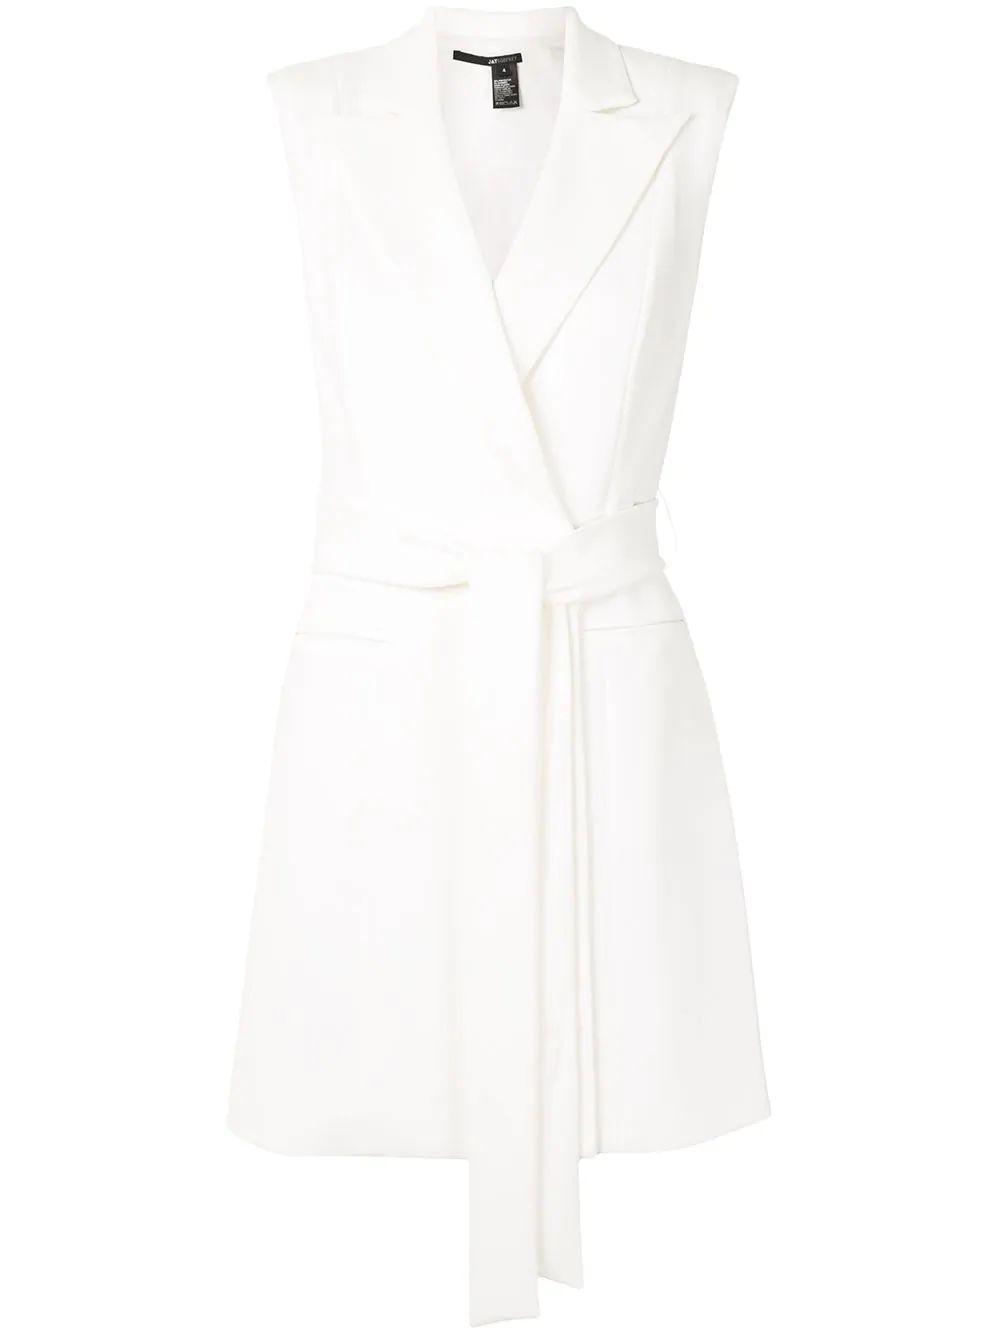 Kitty Belted Mini Dress Item # 125309-C